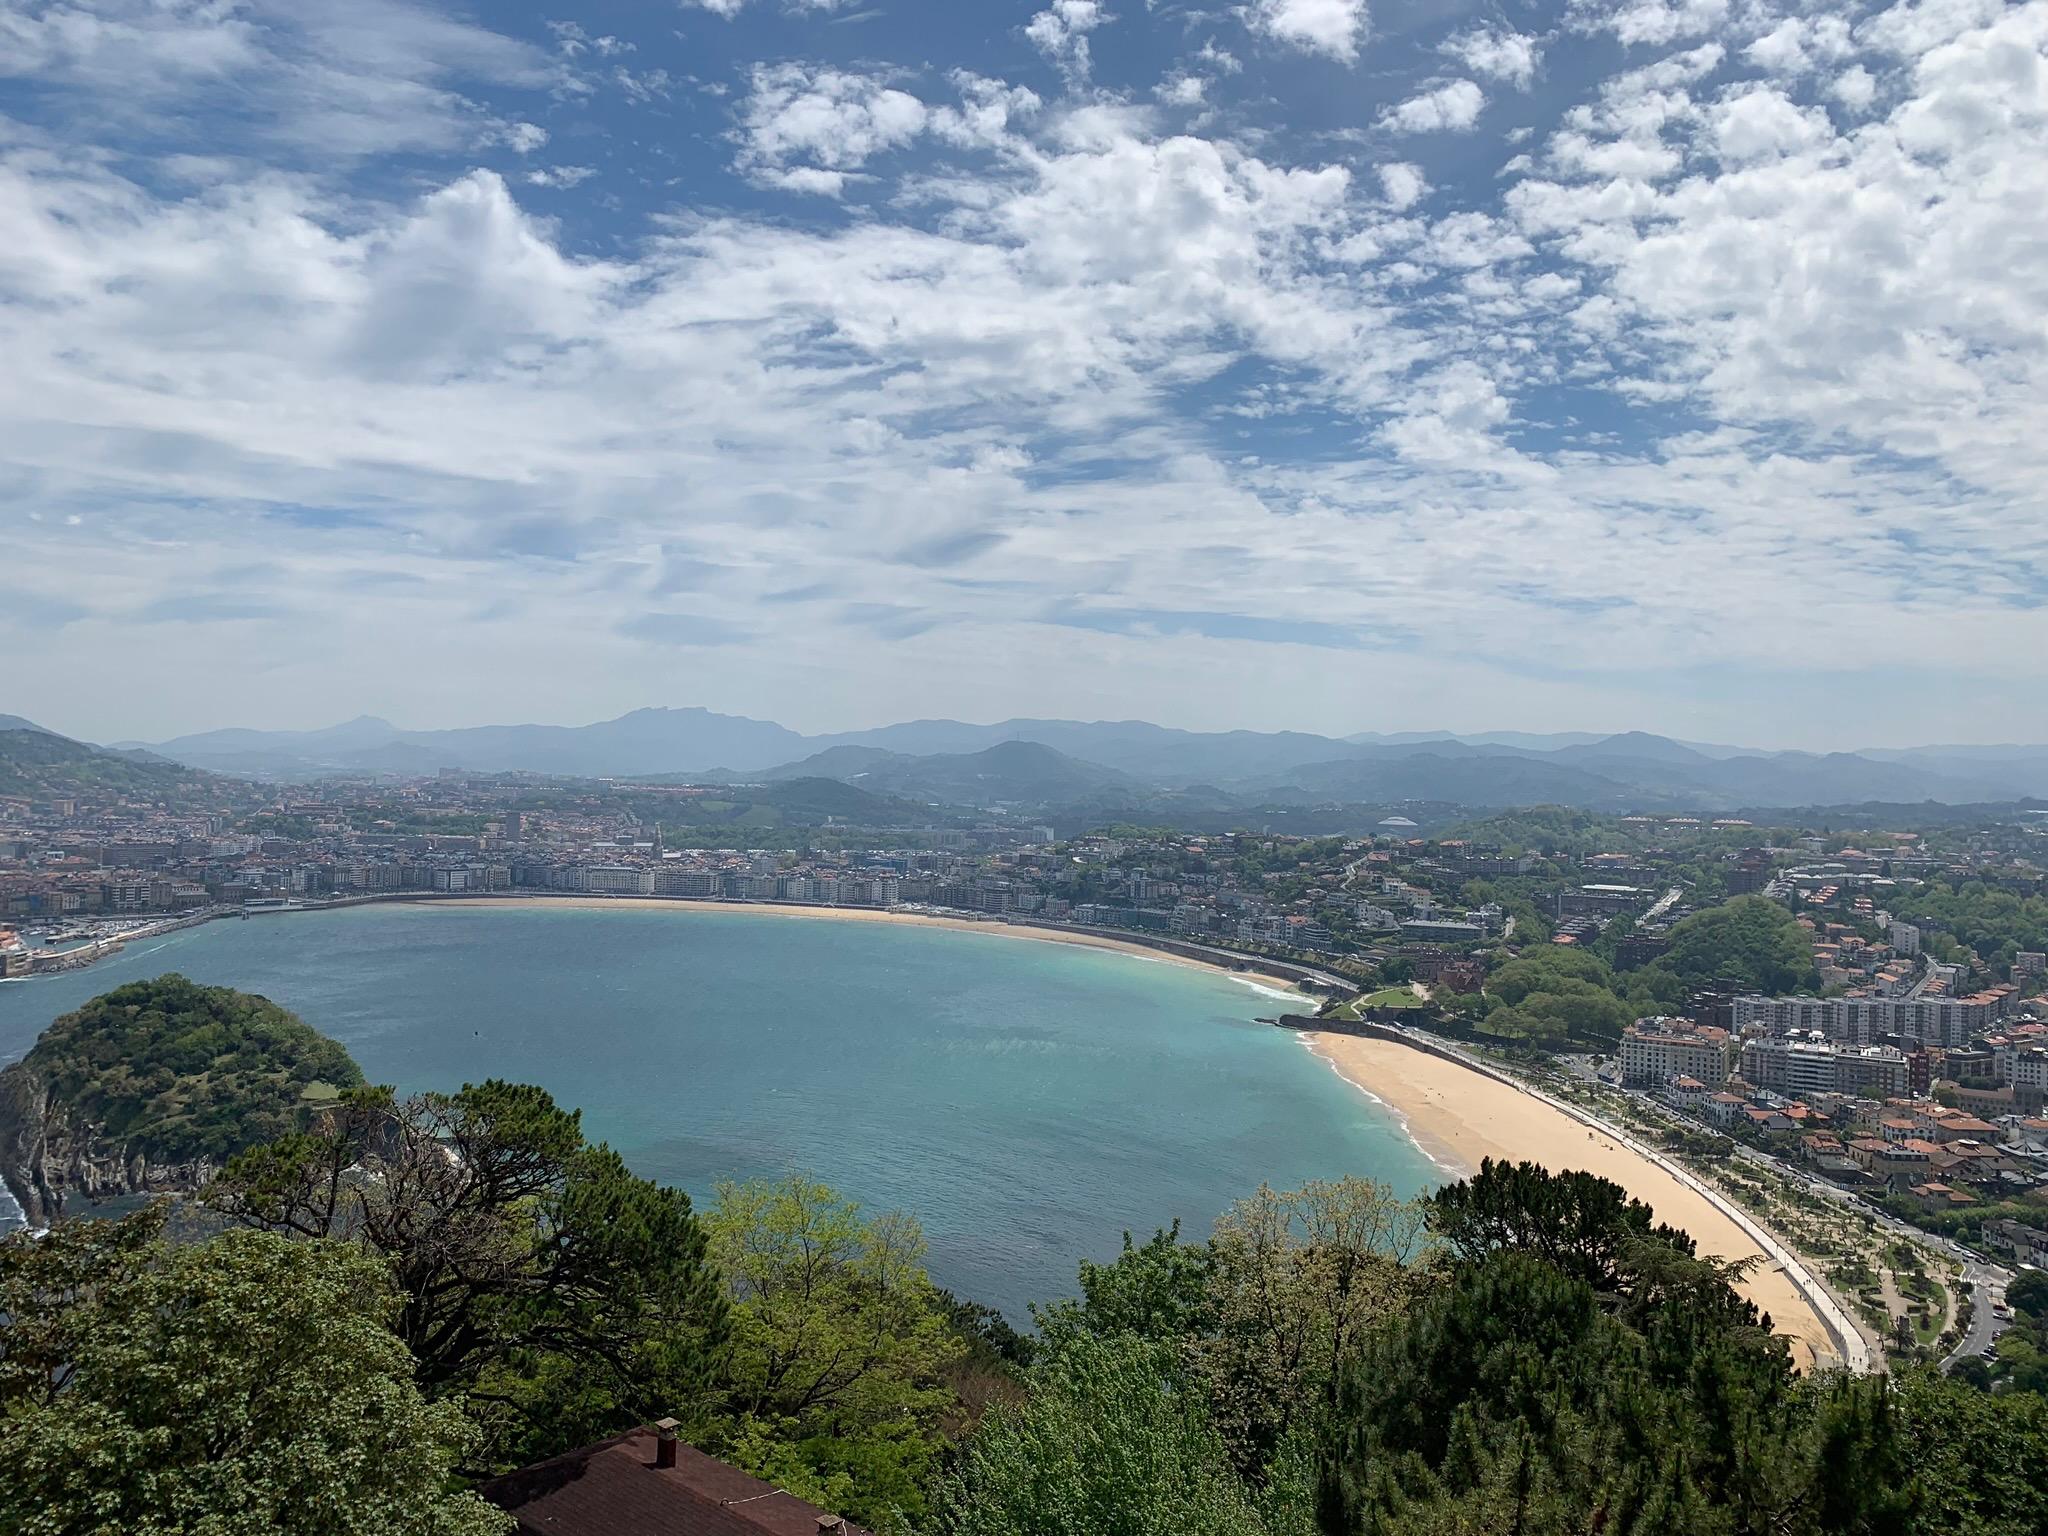 San Sebastián, Basque Country - Spain